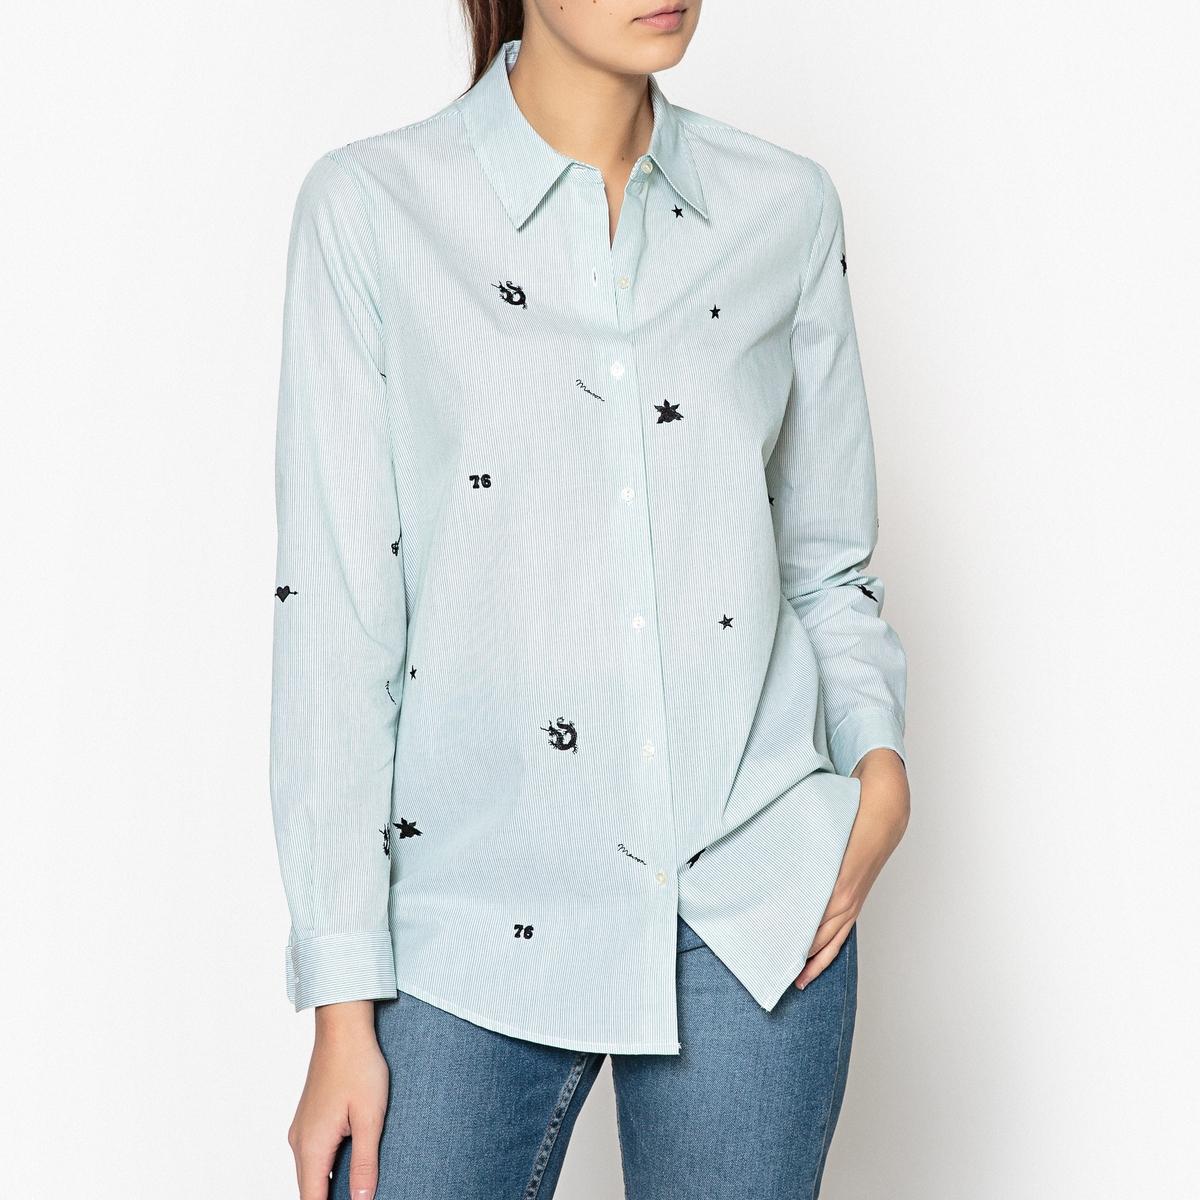 Рубашка с вышивкой maison scotch рубашка maison scotch 133 1621 0120131137 03